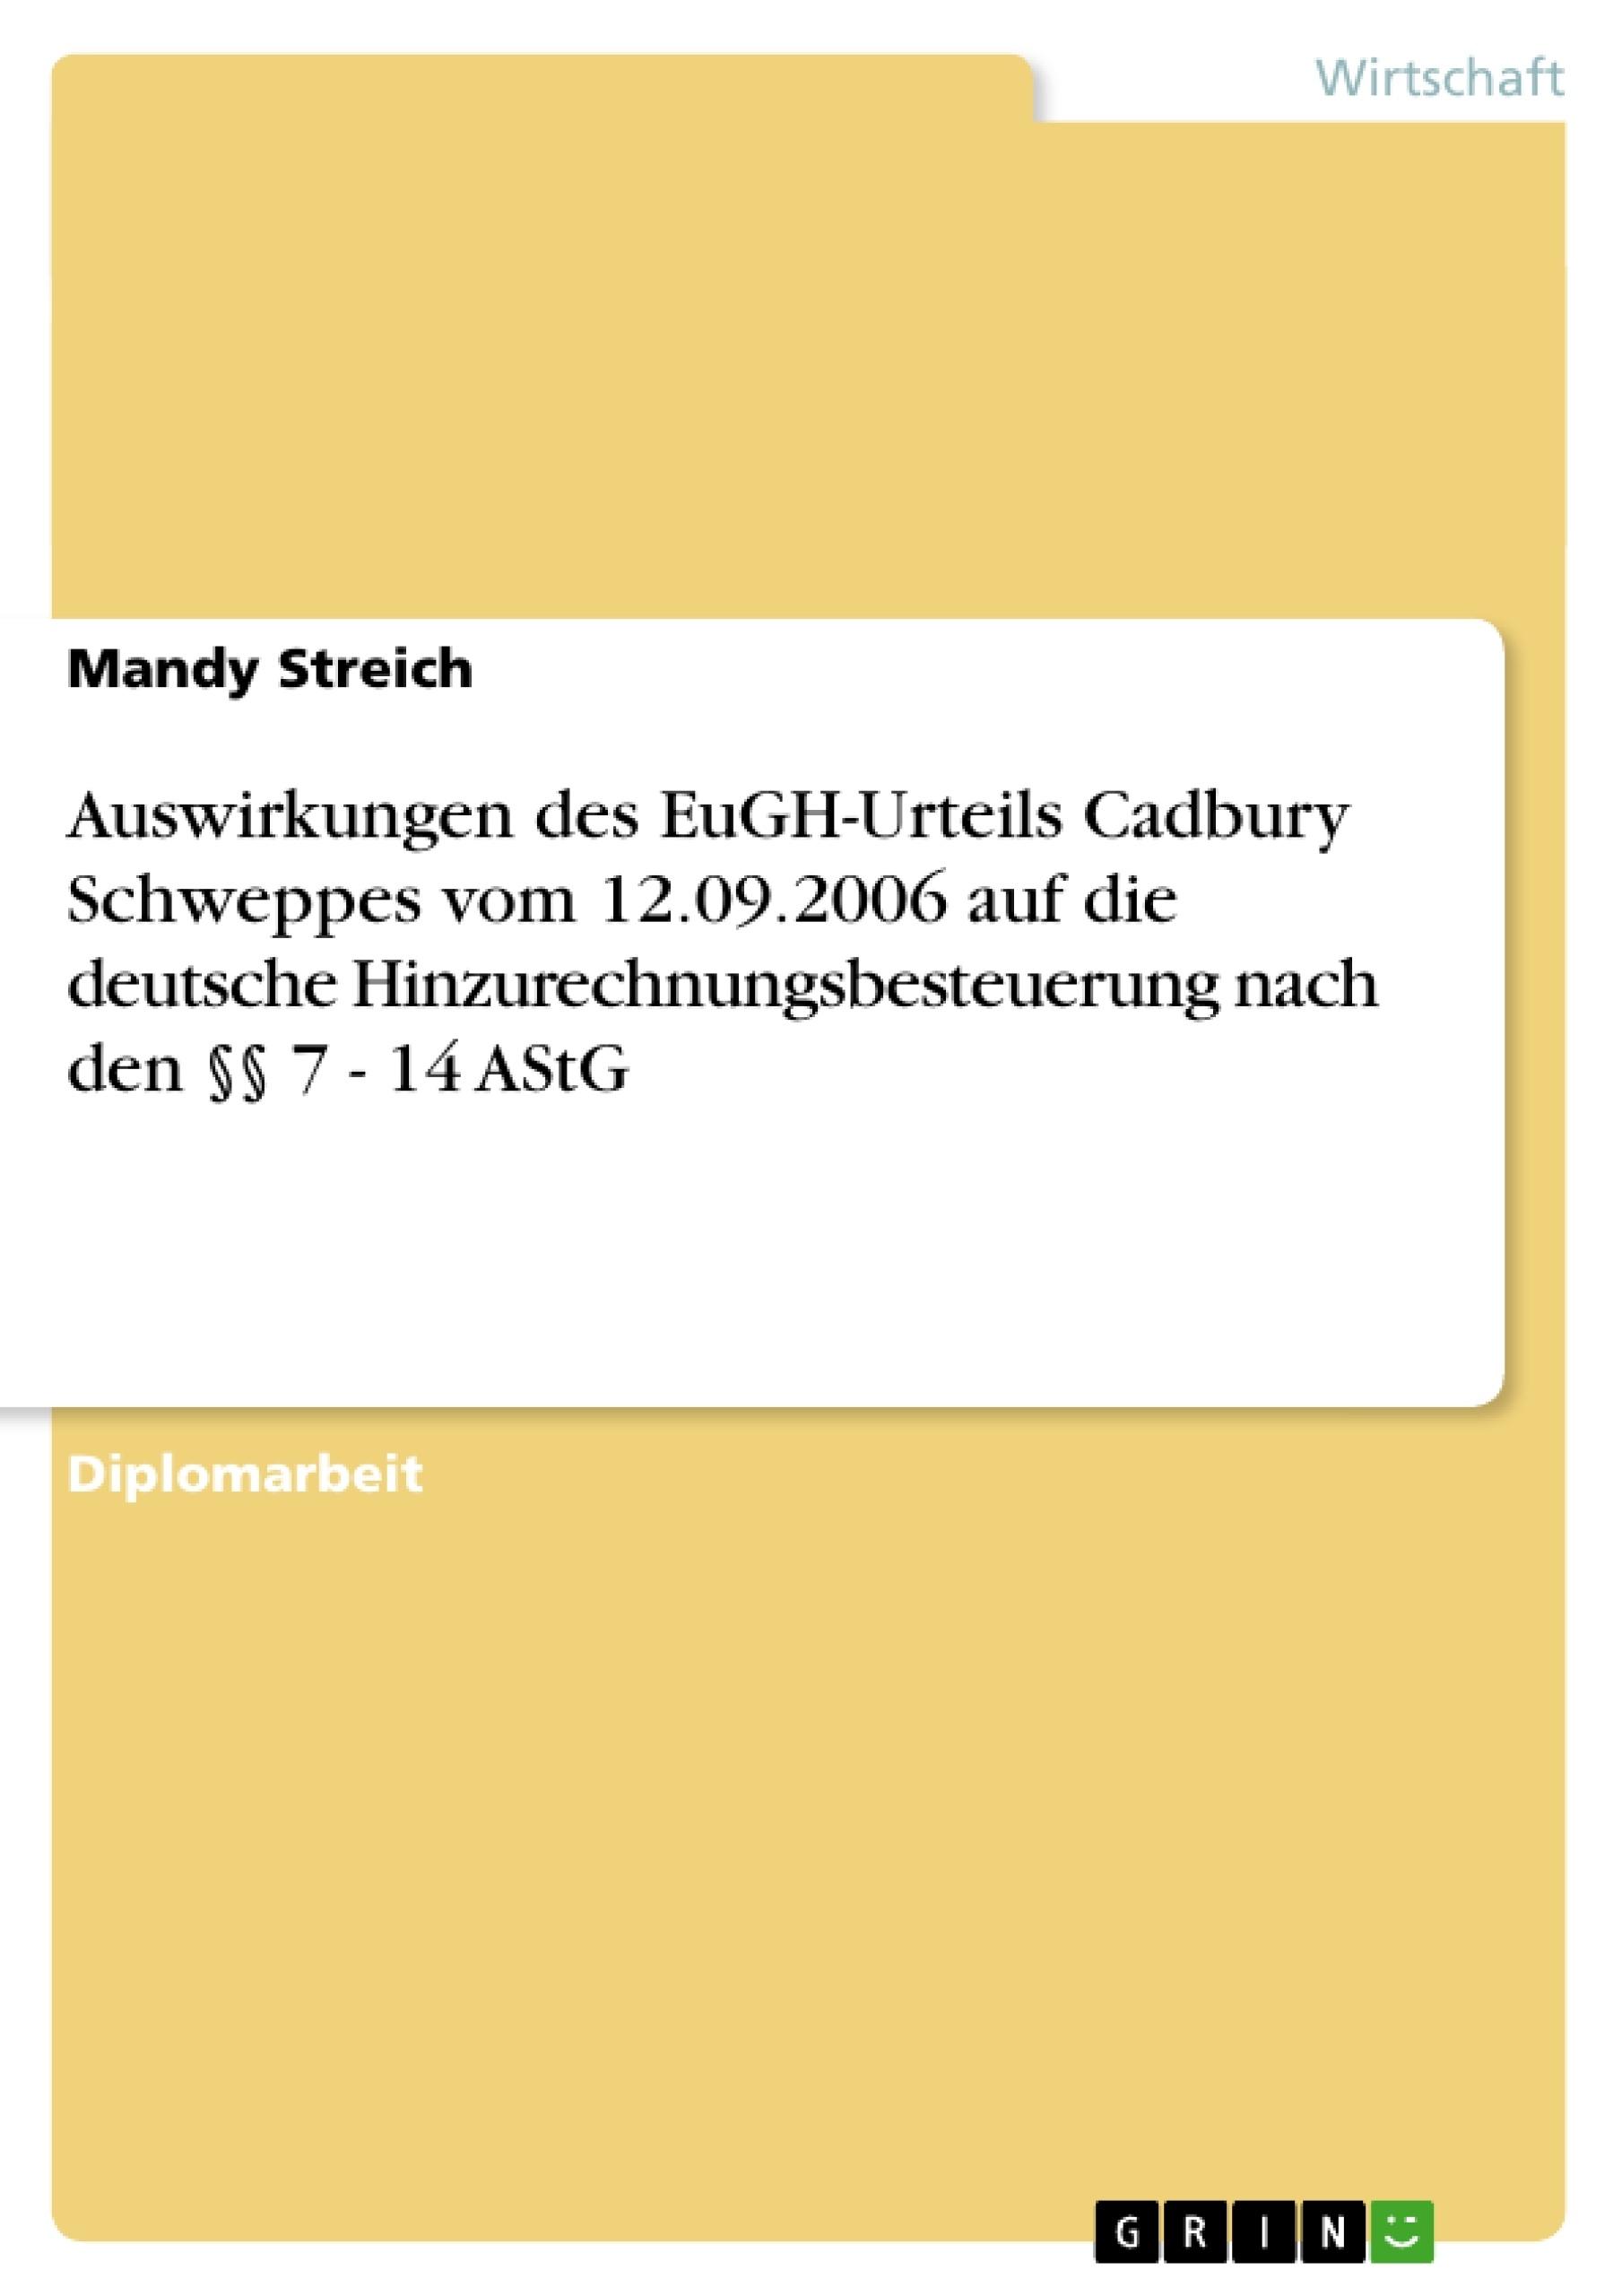 Titel: Auswirkungen des EuGH-Urteils Cadbury Schweppes vom 12.09.2006 auf die deutsche Hinzurechnungsbesteuerung nach den §§ 7 - 14 AStG